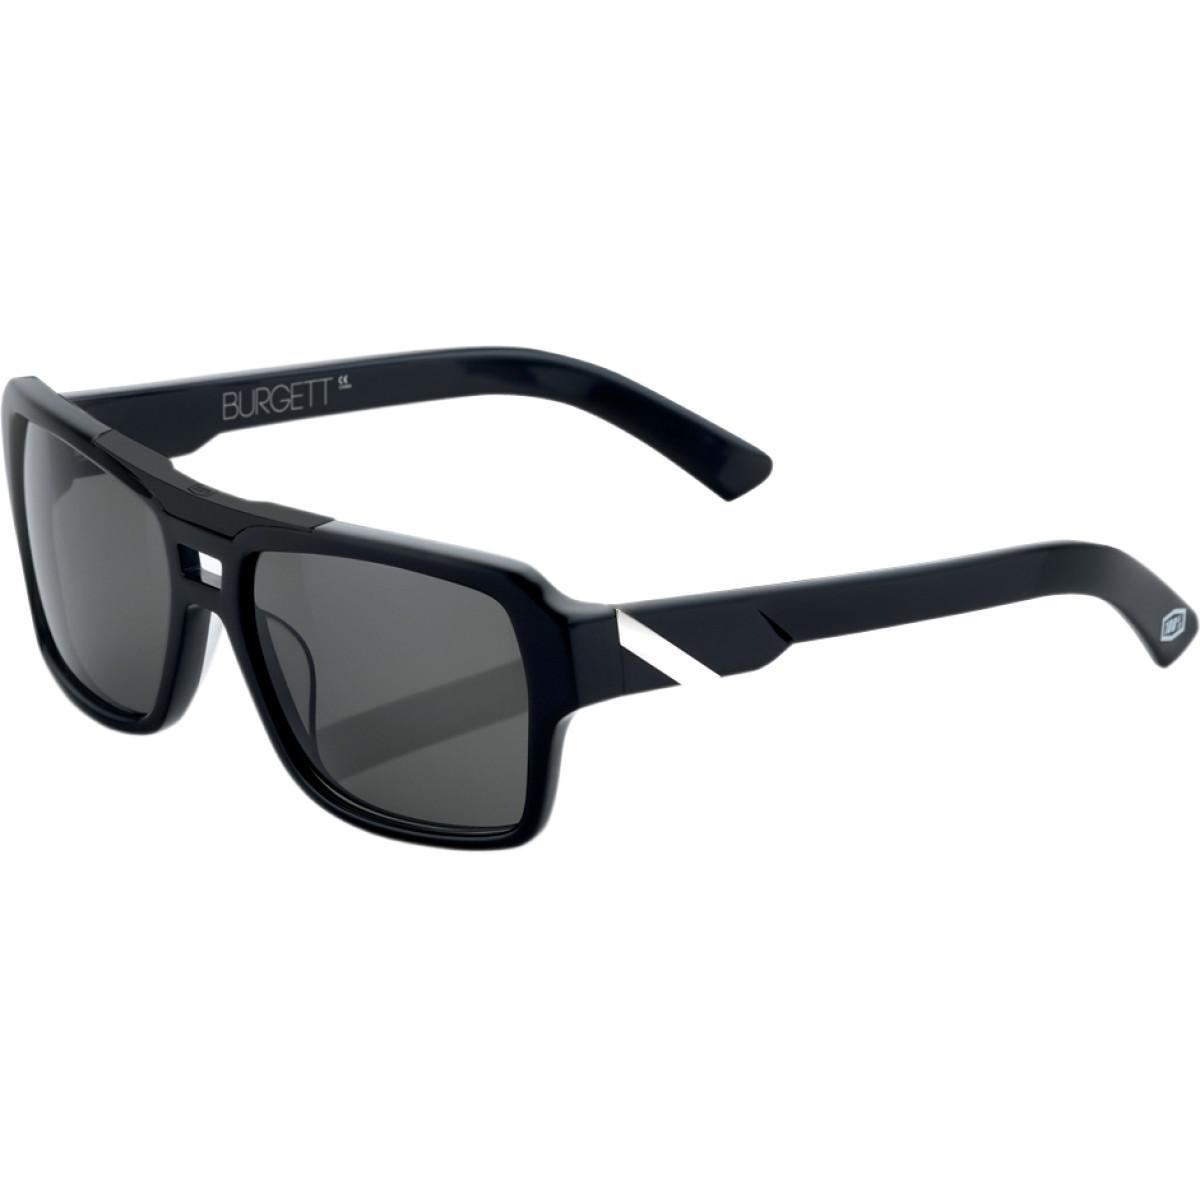 100% Burgett Sunglasses